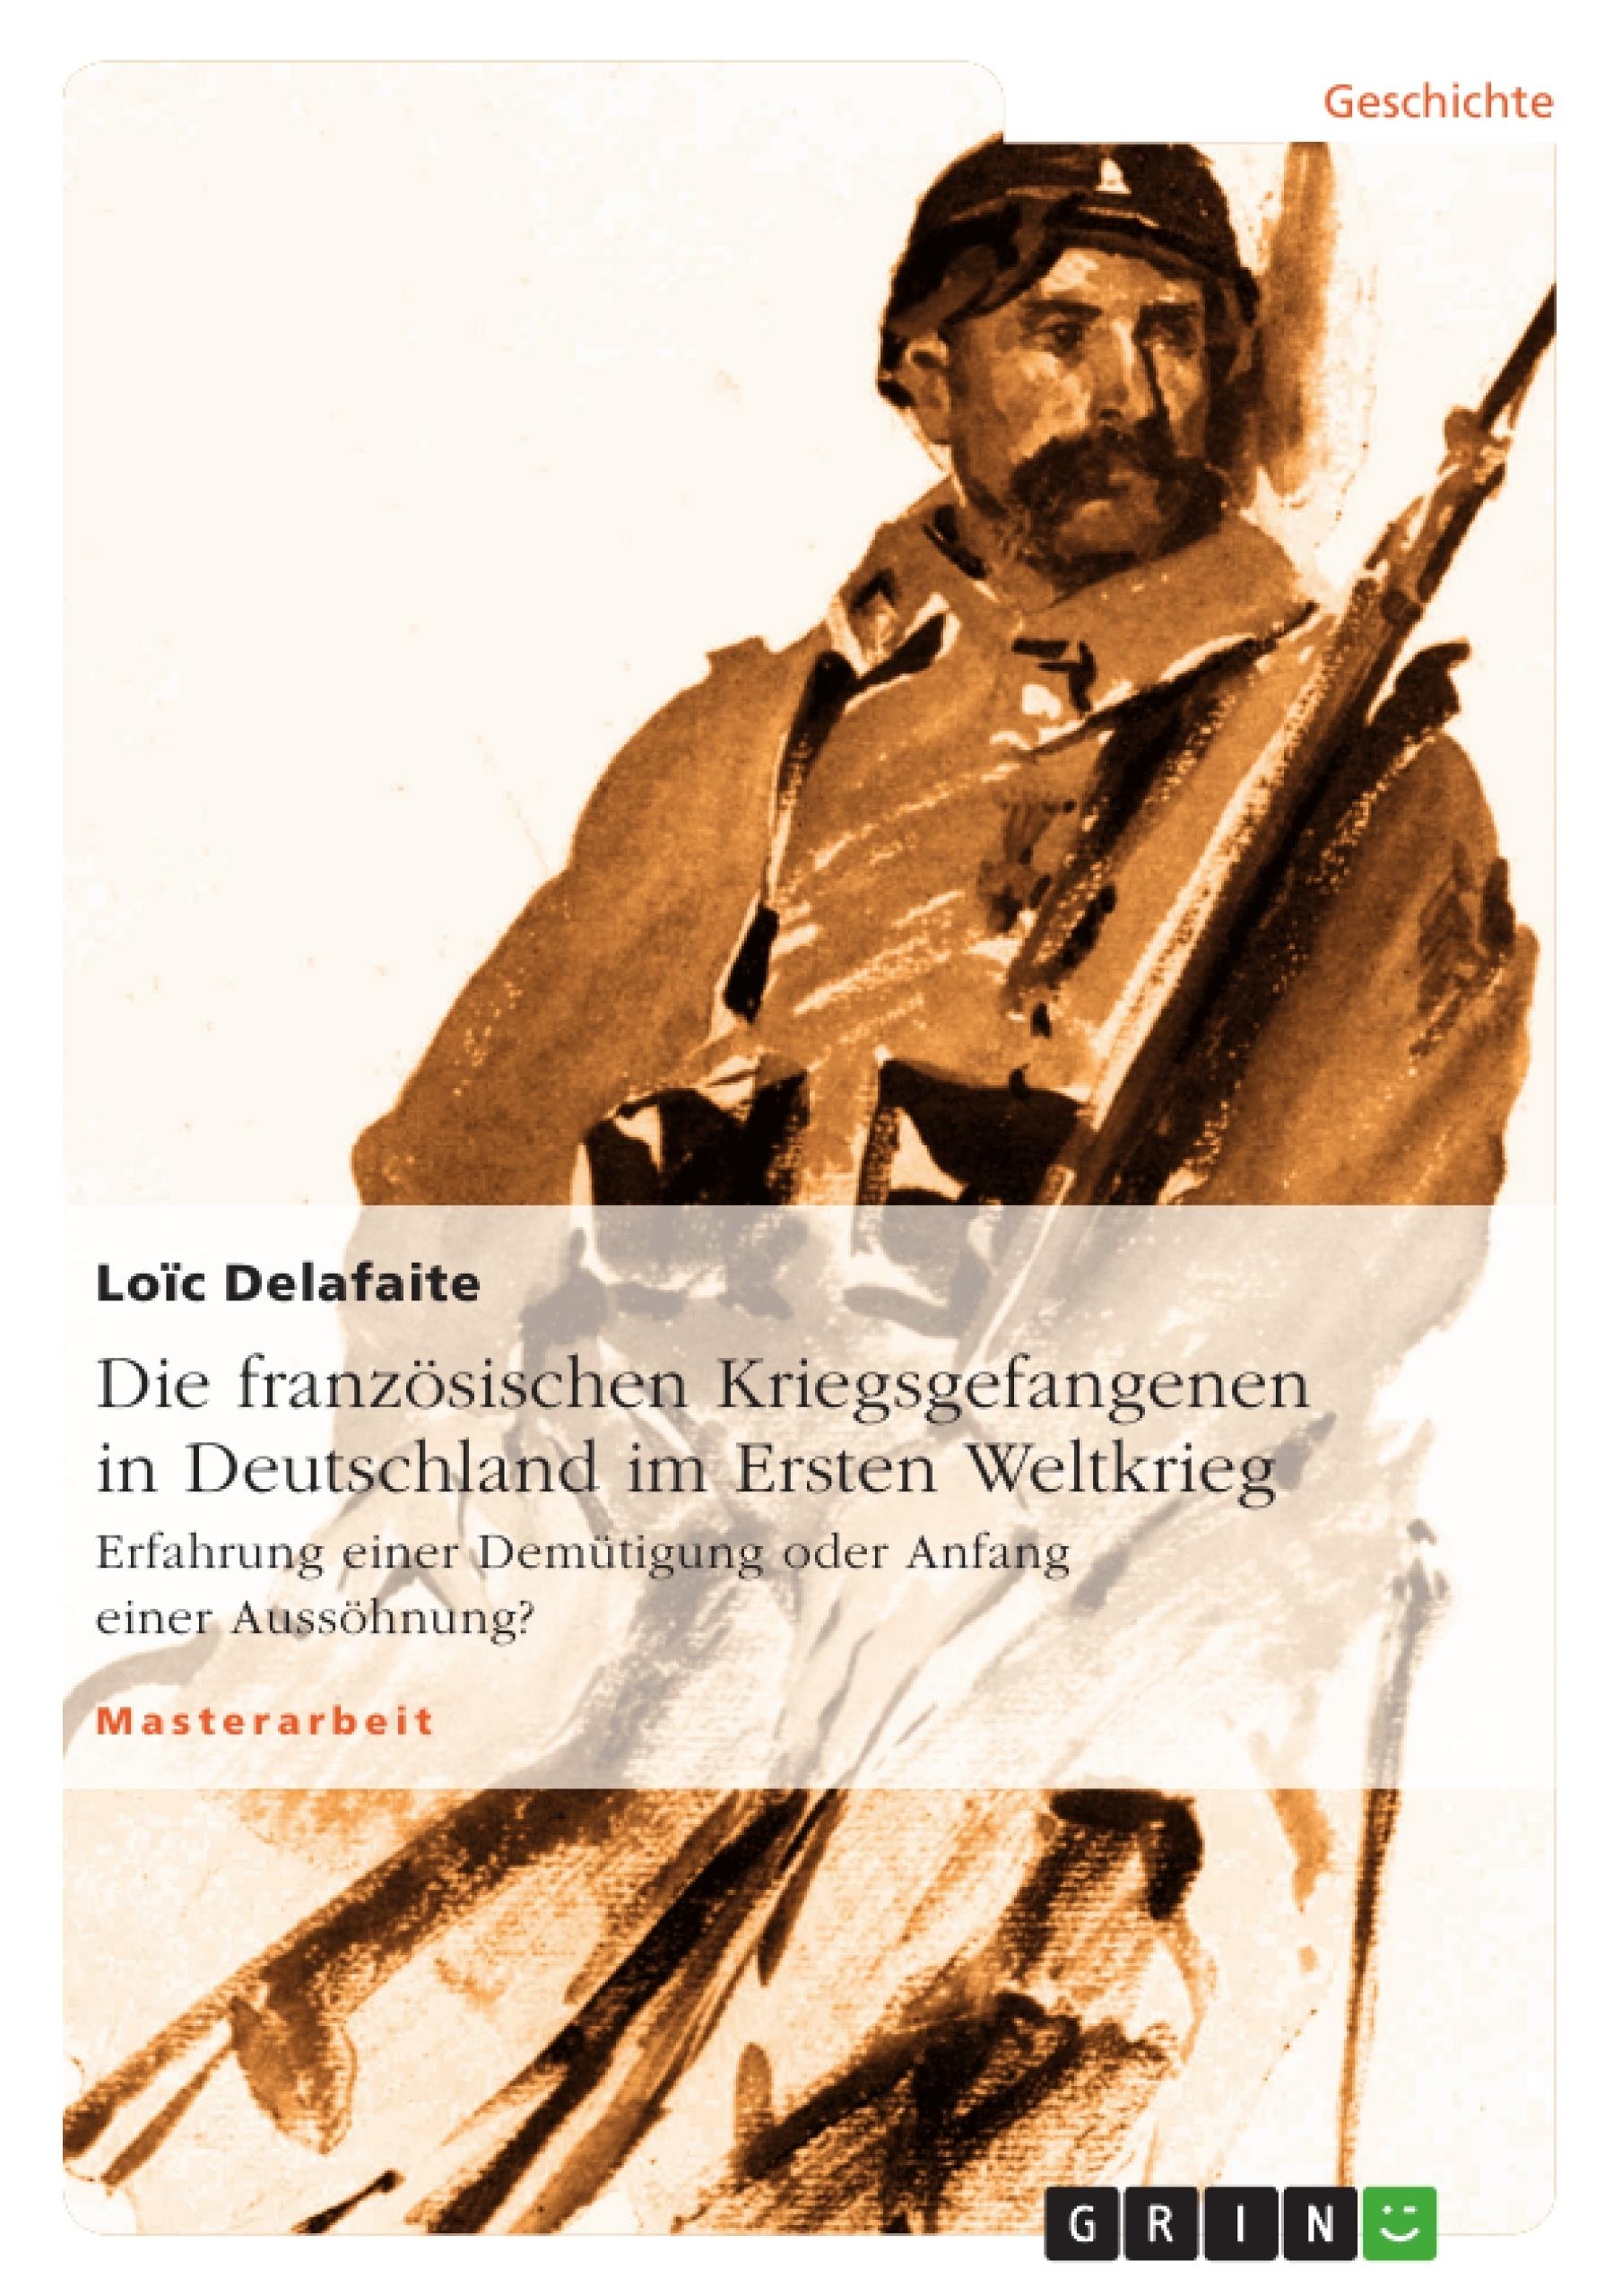 Titel: Die französischen Kriegsgefangenen in Deutschland im Ersten Weltkrieg